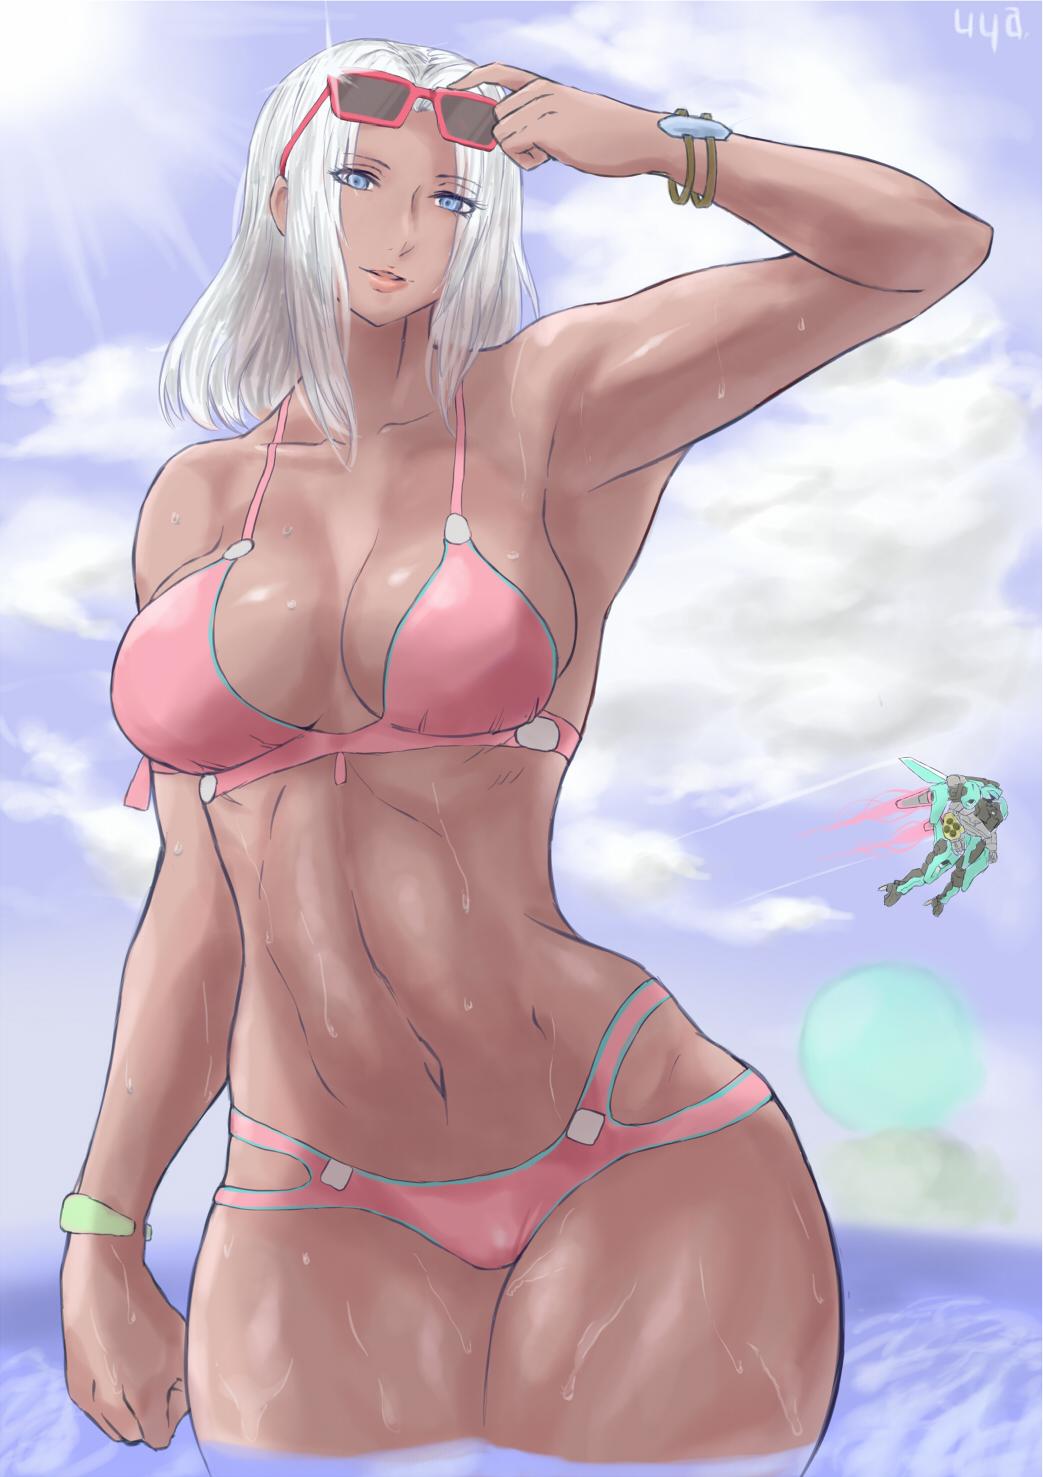 xenoblade comic porn chronicles 2 Dragon ball super bulma boobs